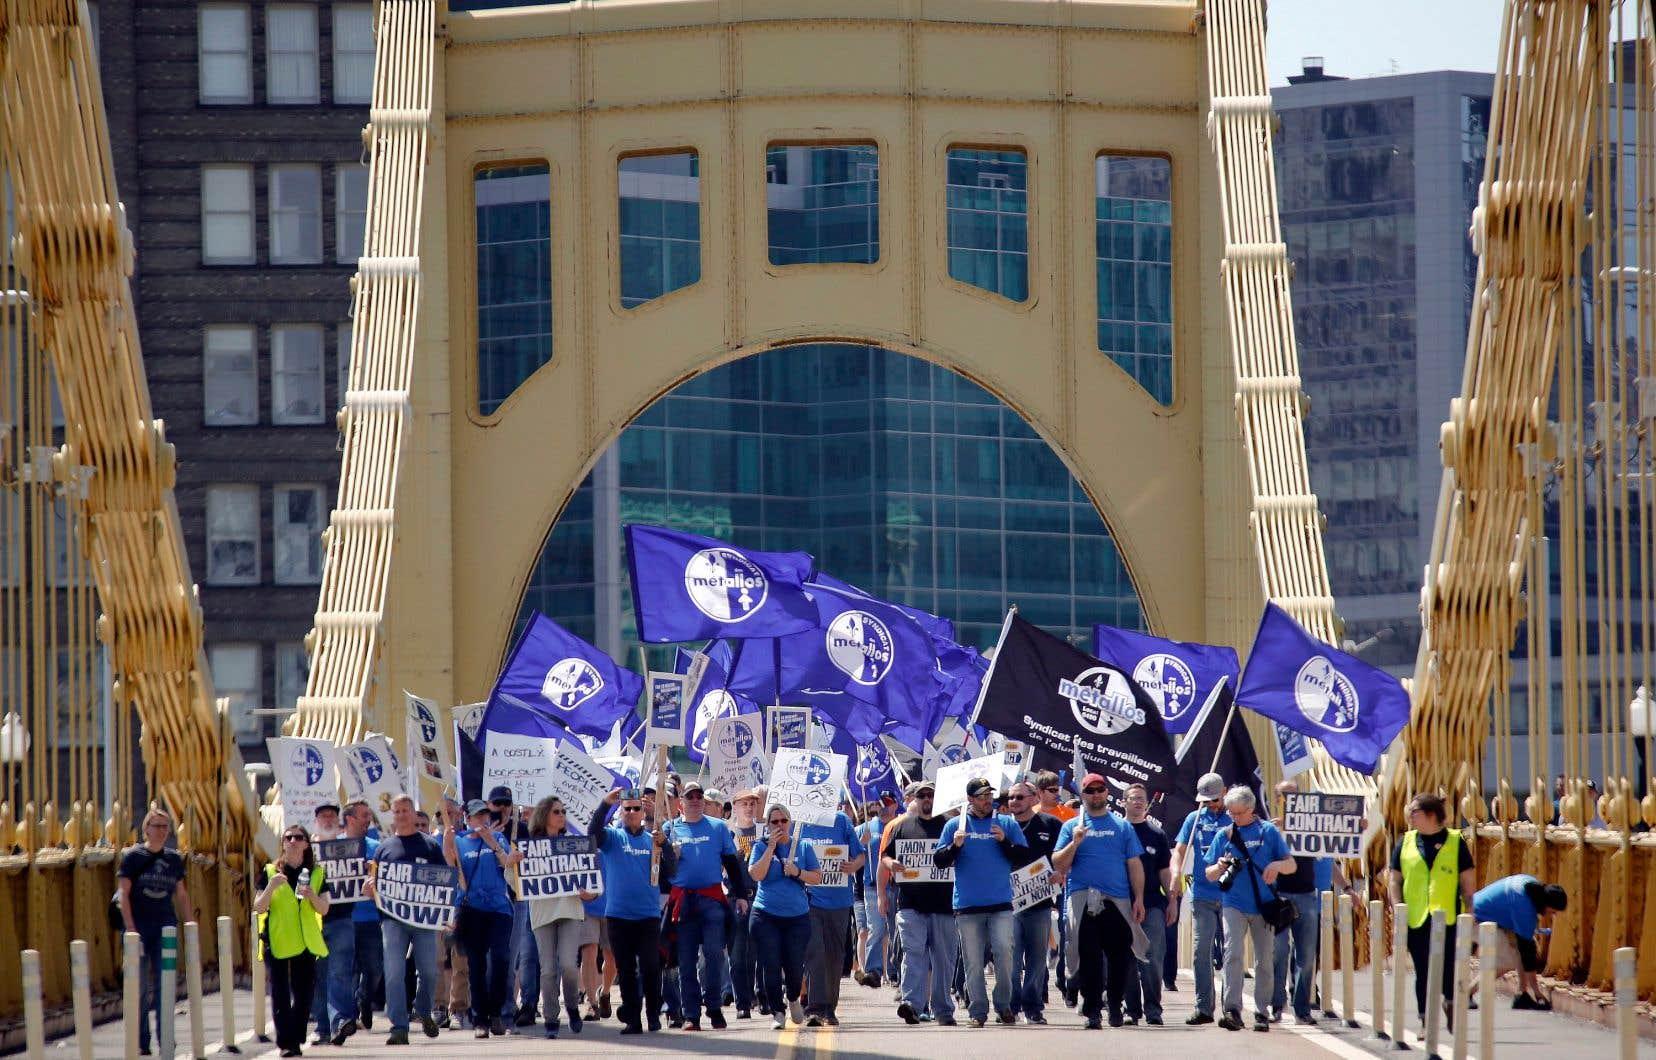 Une délégation des Métallos de l'usine de Bécancour a fait le trajet à Pittsburgh pour manifester.